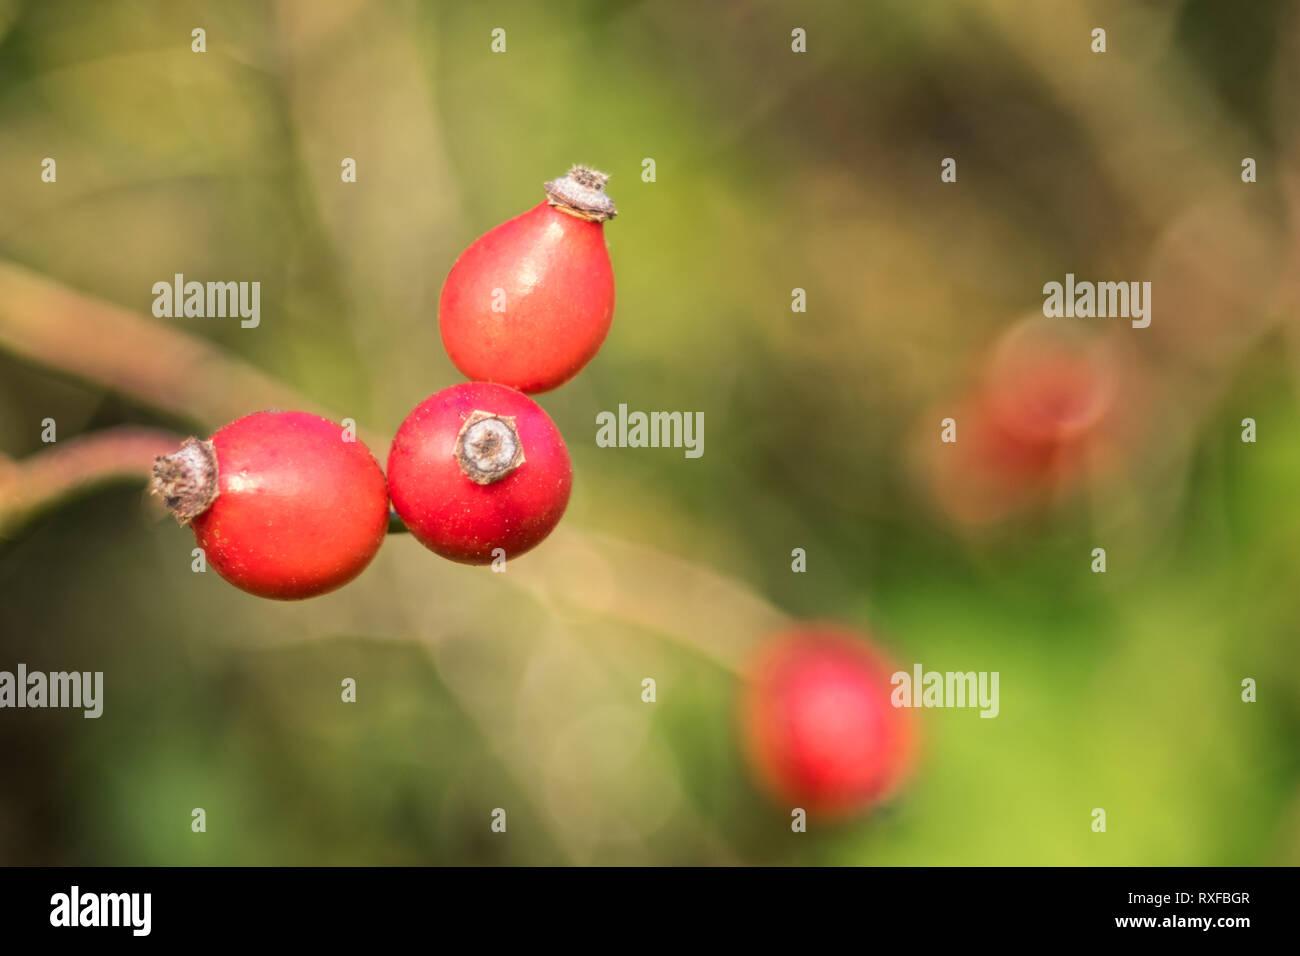 Hagebutten am Zweig mit weichem Hintergrund - Stock Image